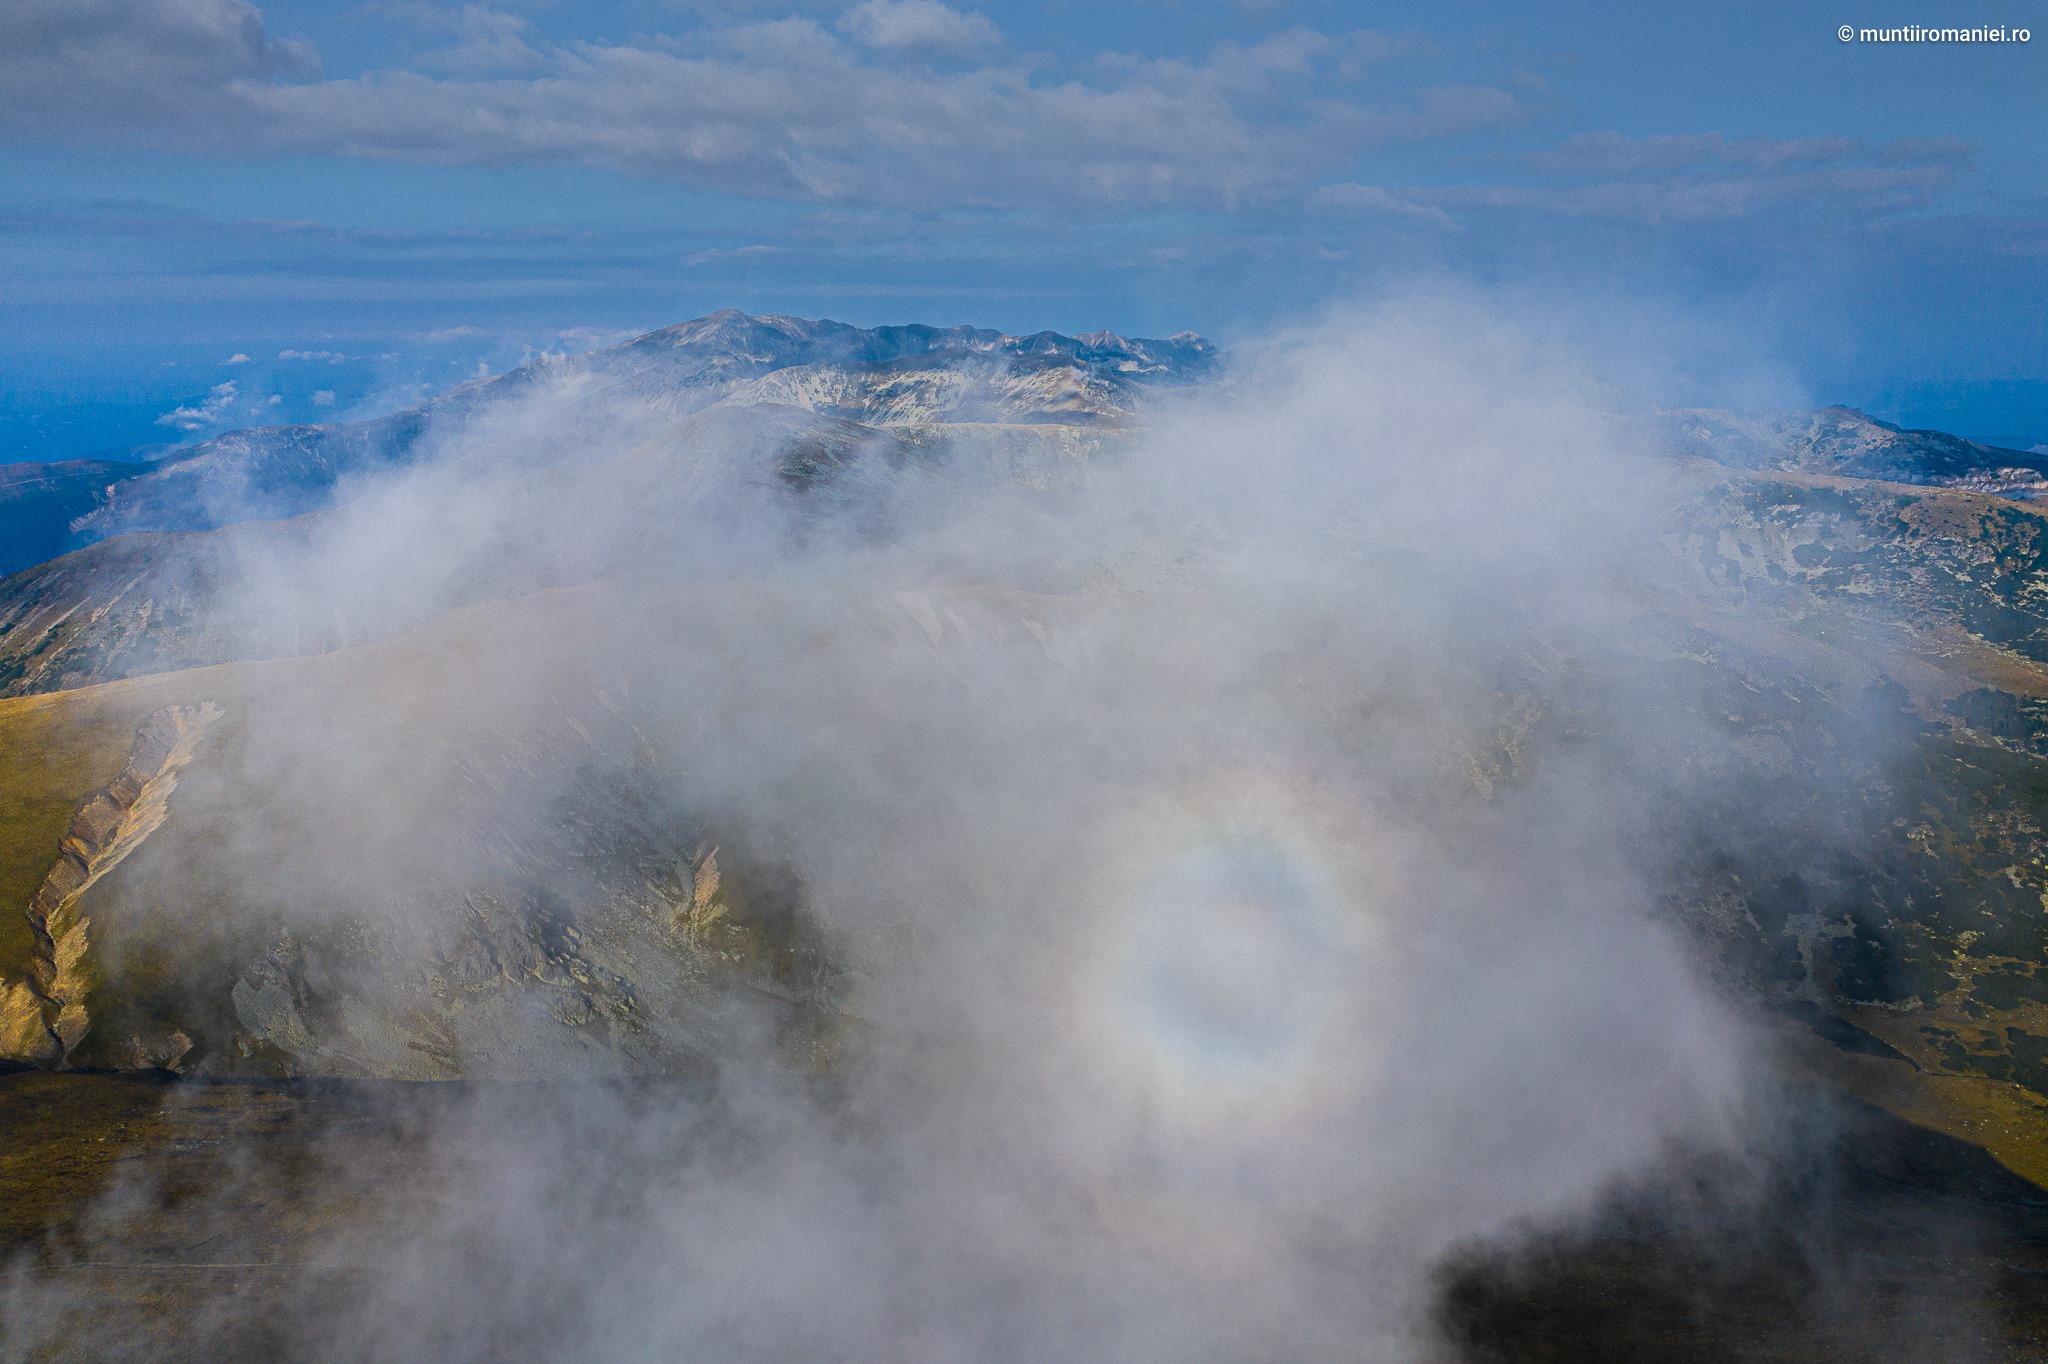 Apariție divină sau un fenomen rar în munții României. Imaginea care dă fiori